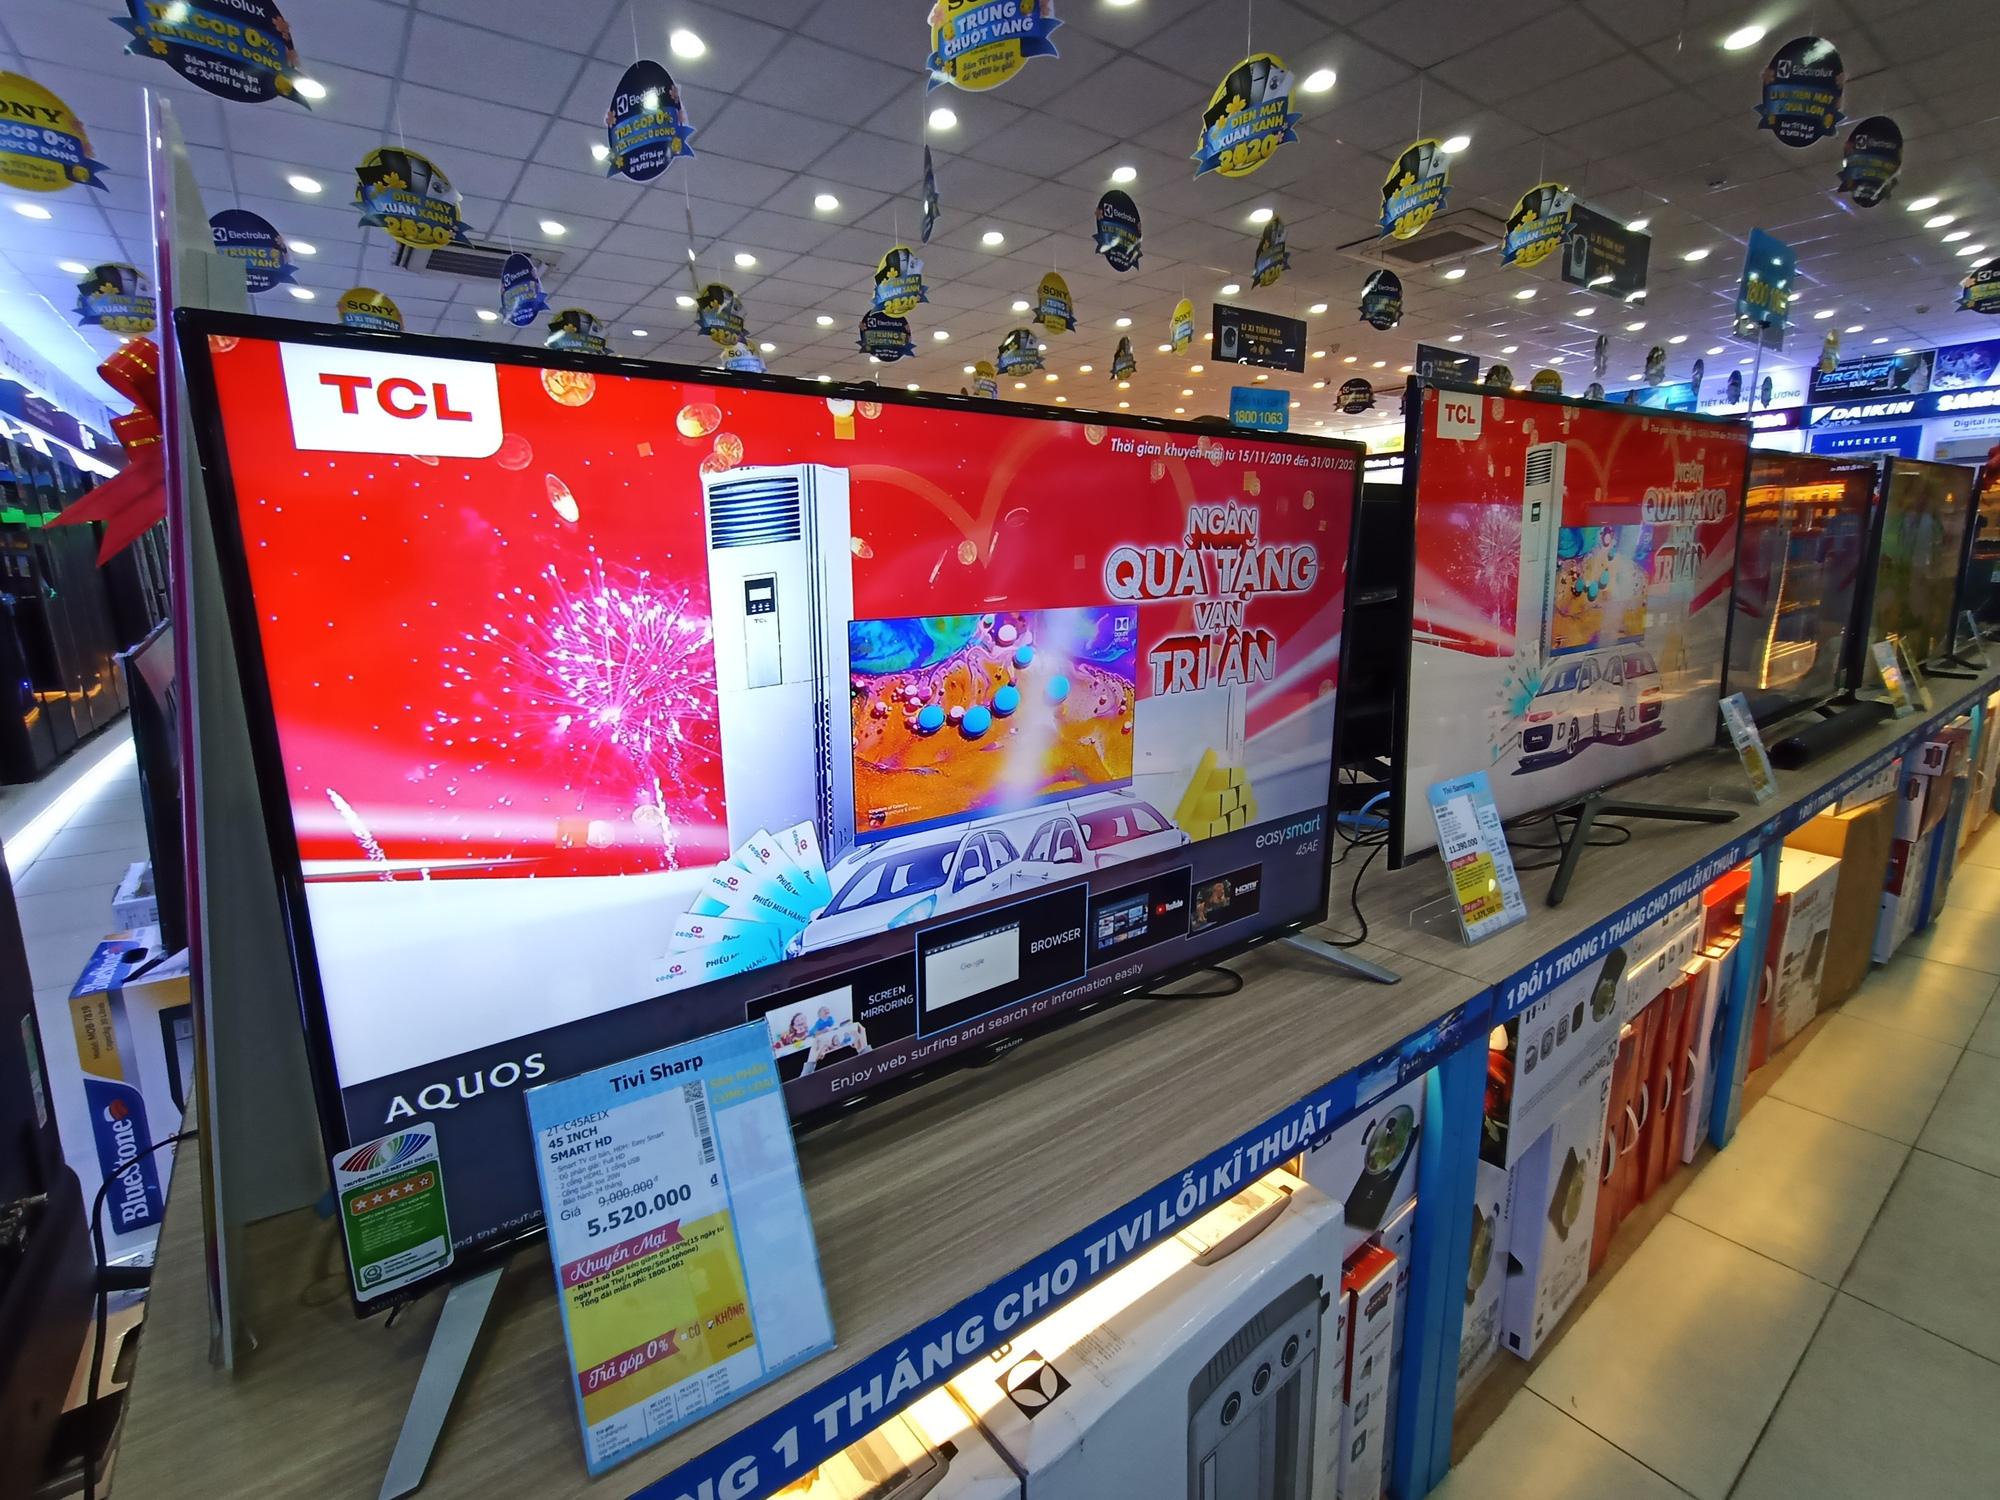 Nhiều dòng tivi giảm giá kích cầu mua sắm trong mùa dịch virus Covid-19 - Ảnh 1.